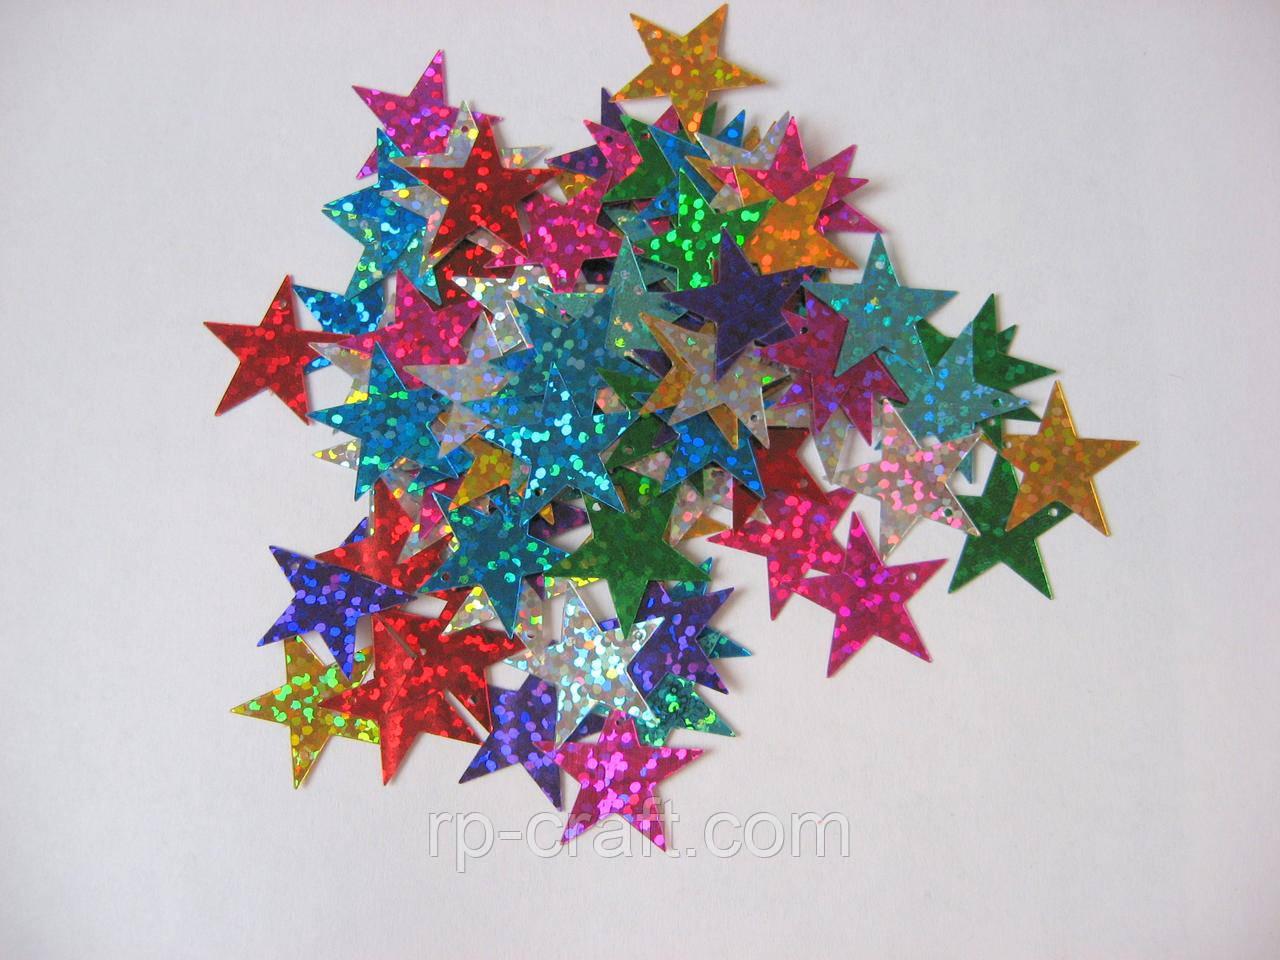 Упаковка пайеток. Плоские, звезда, 20 мм, 5 грамм, микс цветов